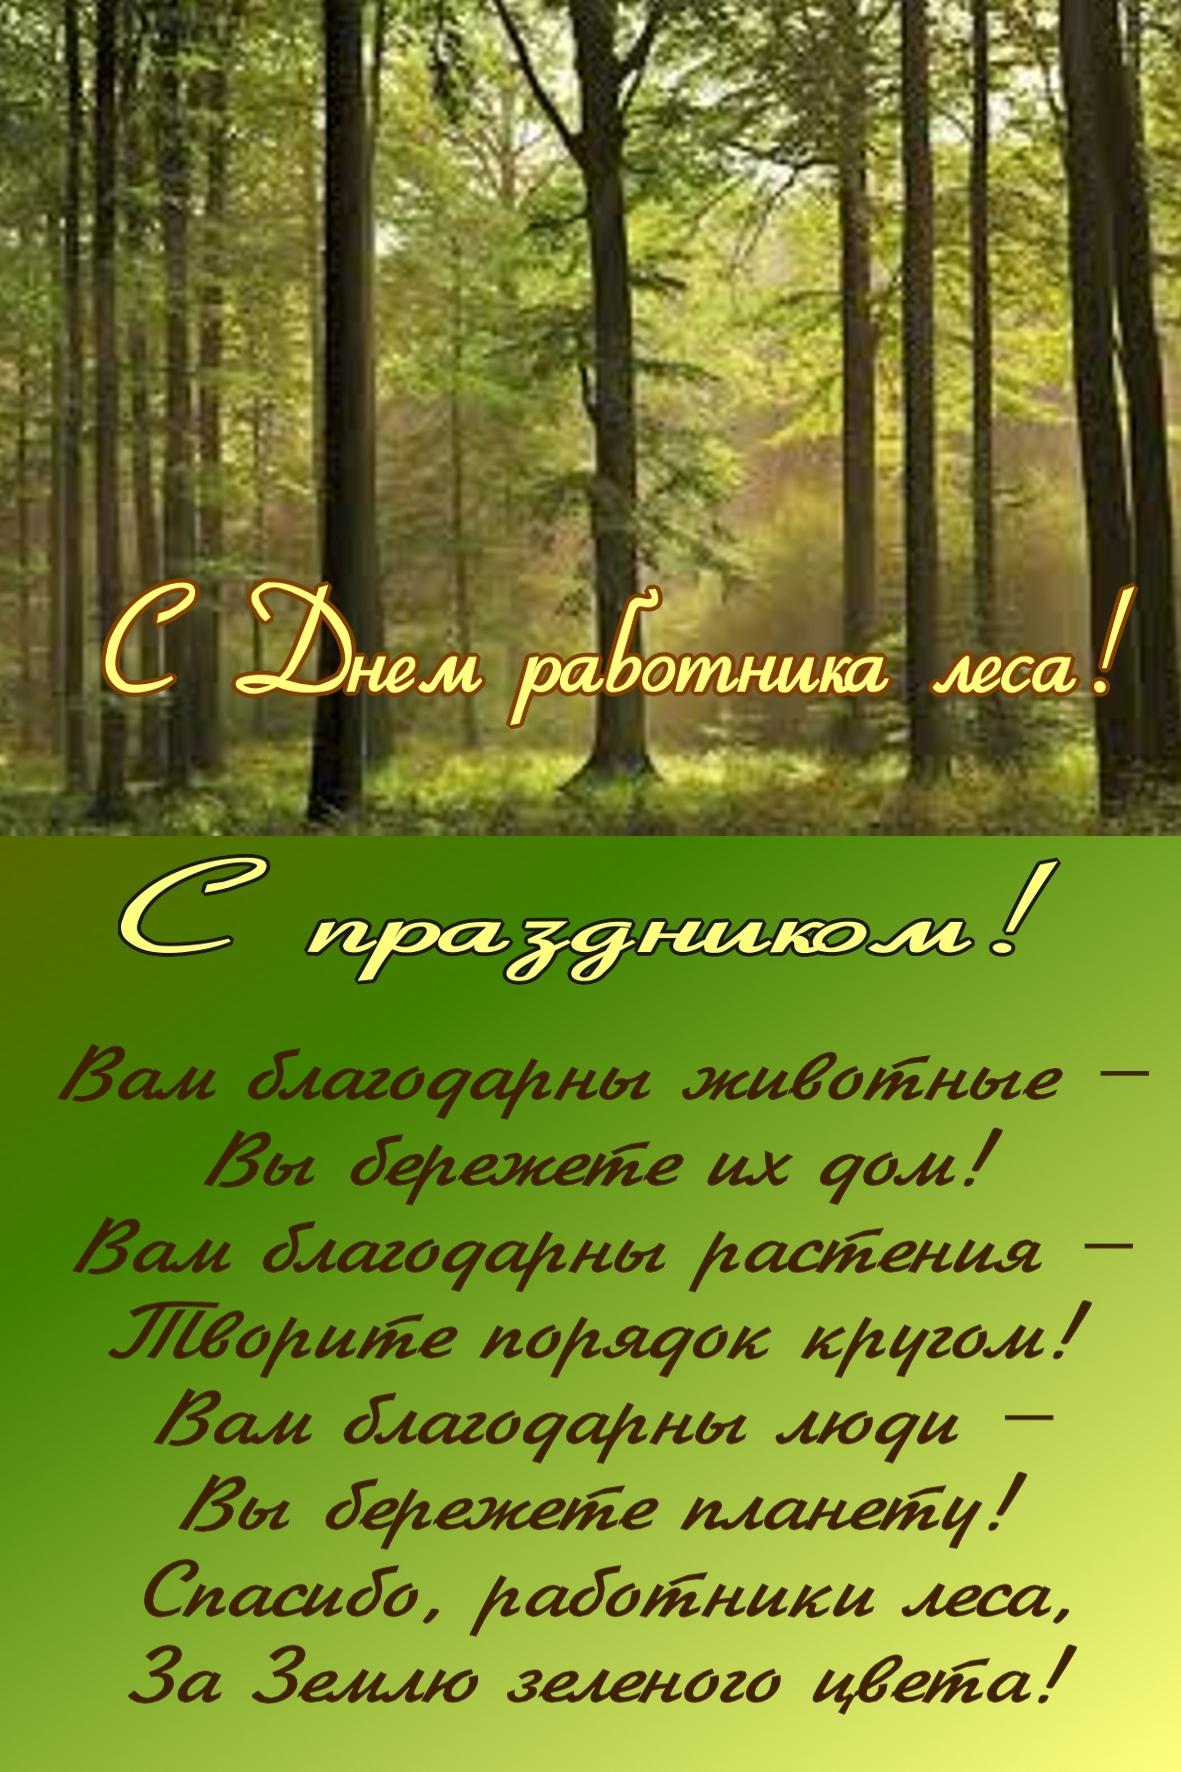 Поздравлением, открытка ко дню работника леса